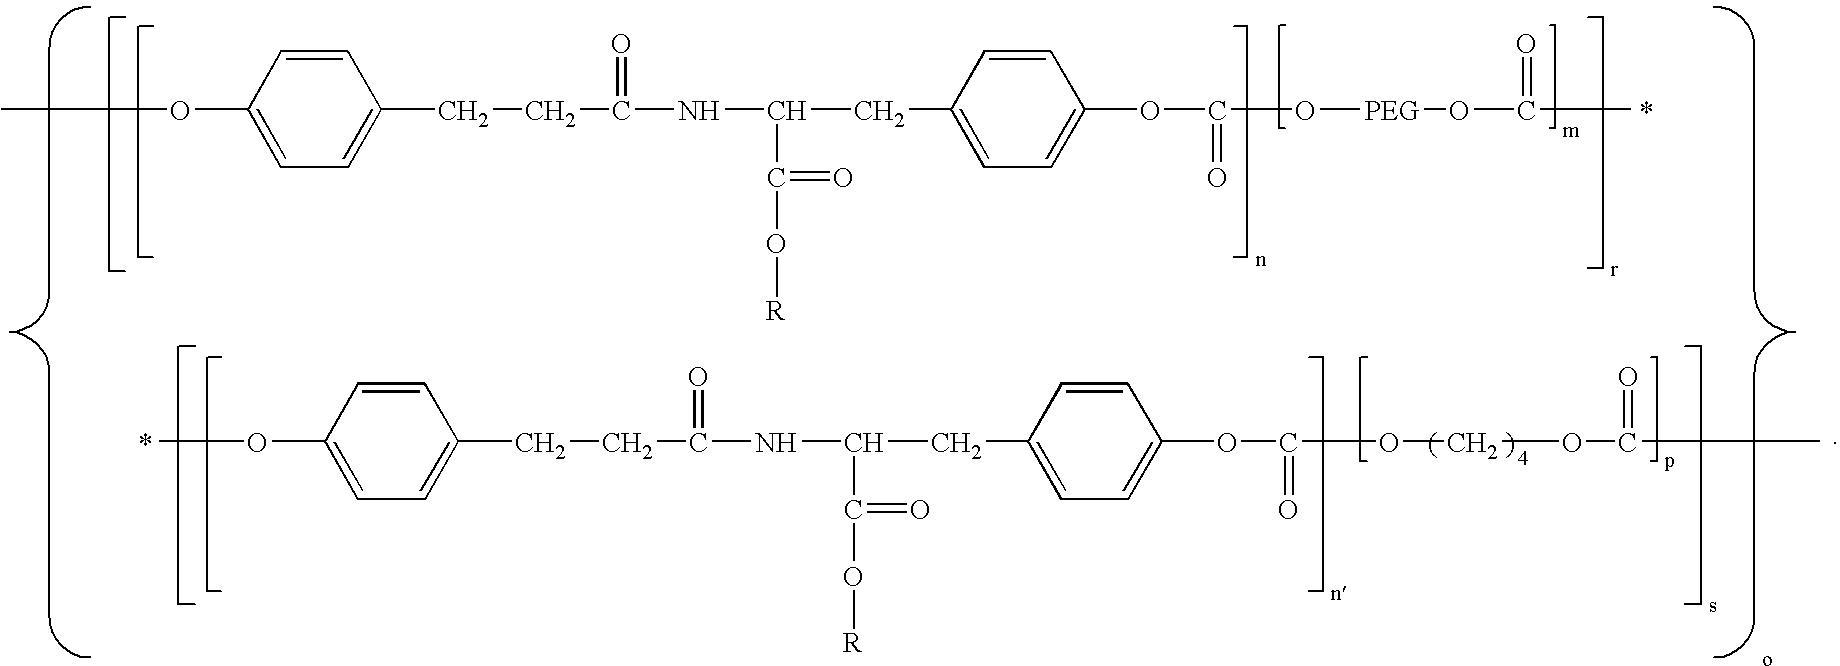 Figure US20060115449A1-20060601-C00061